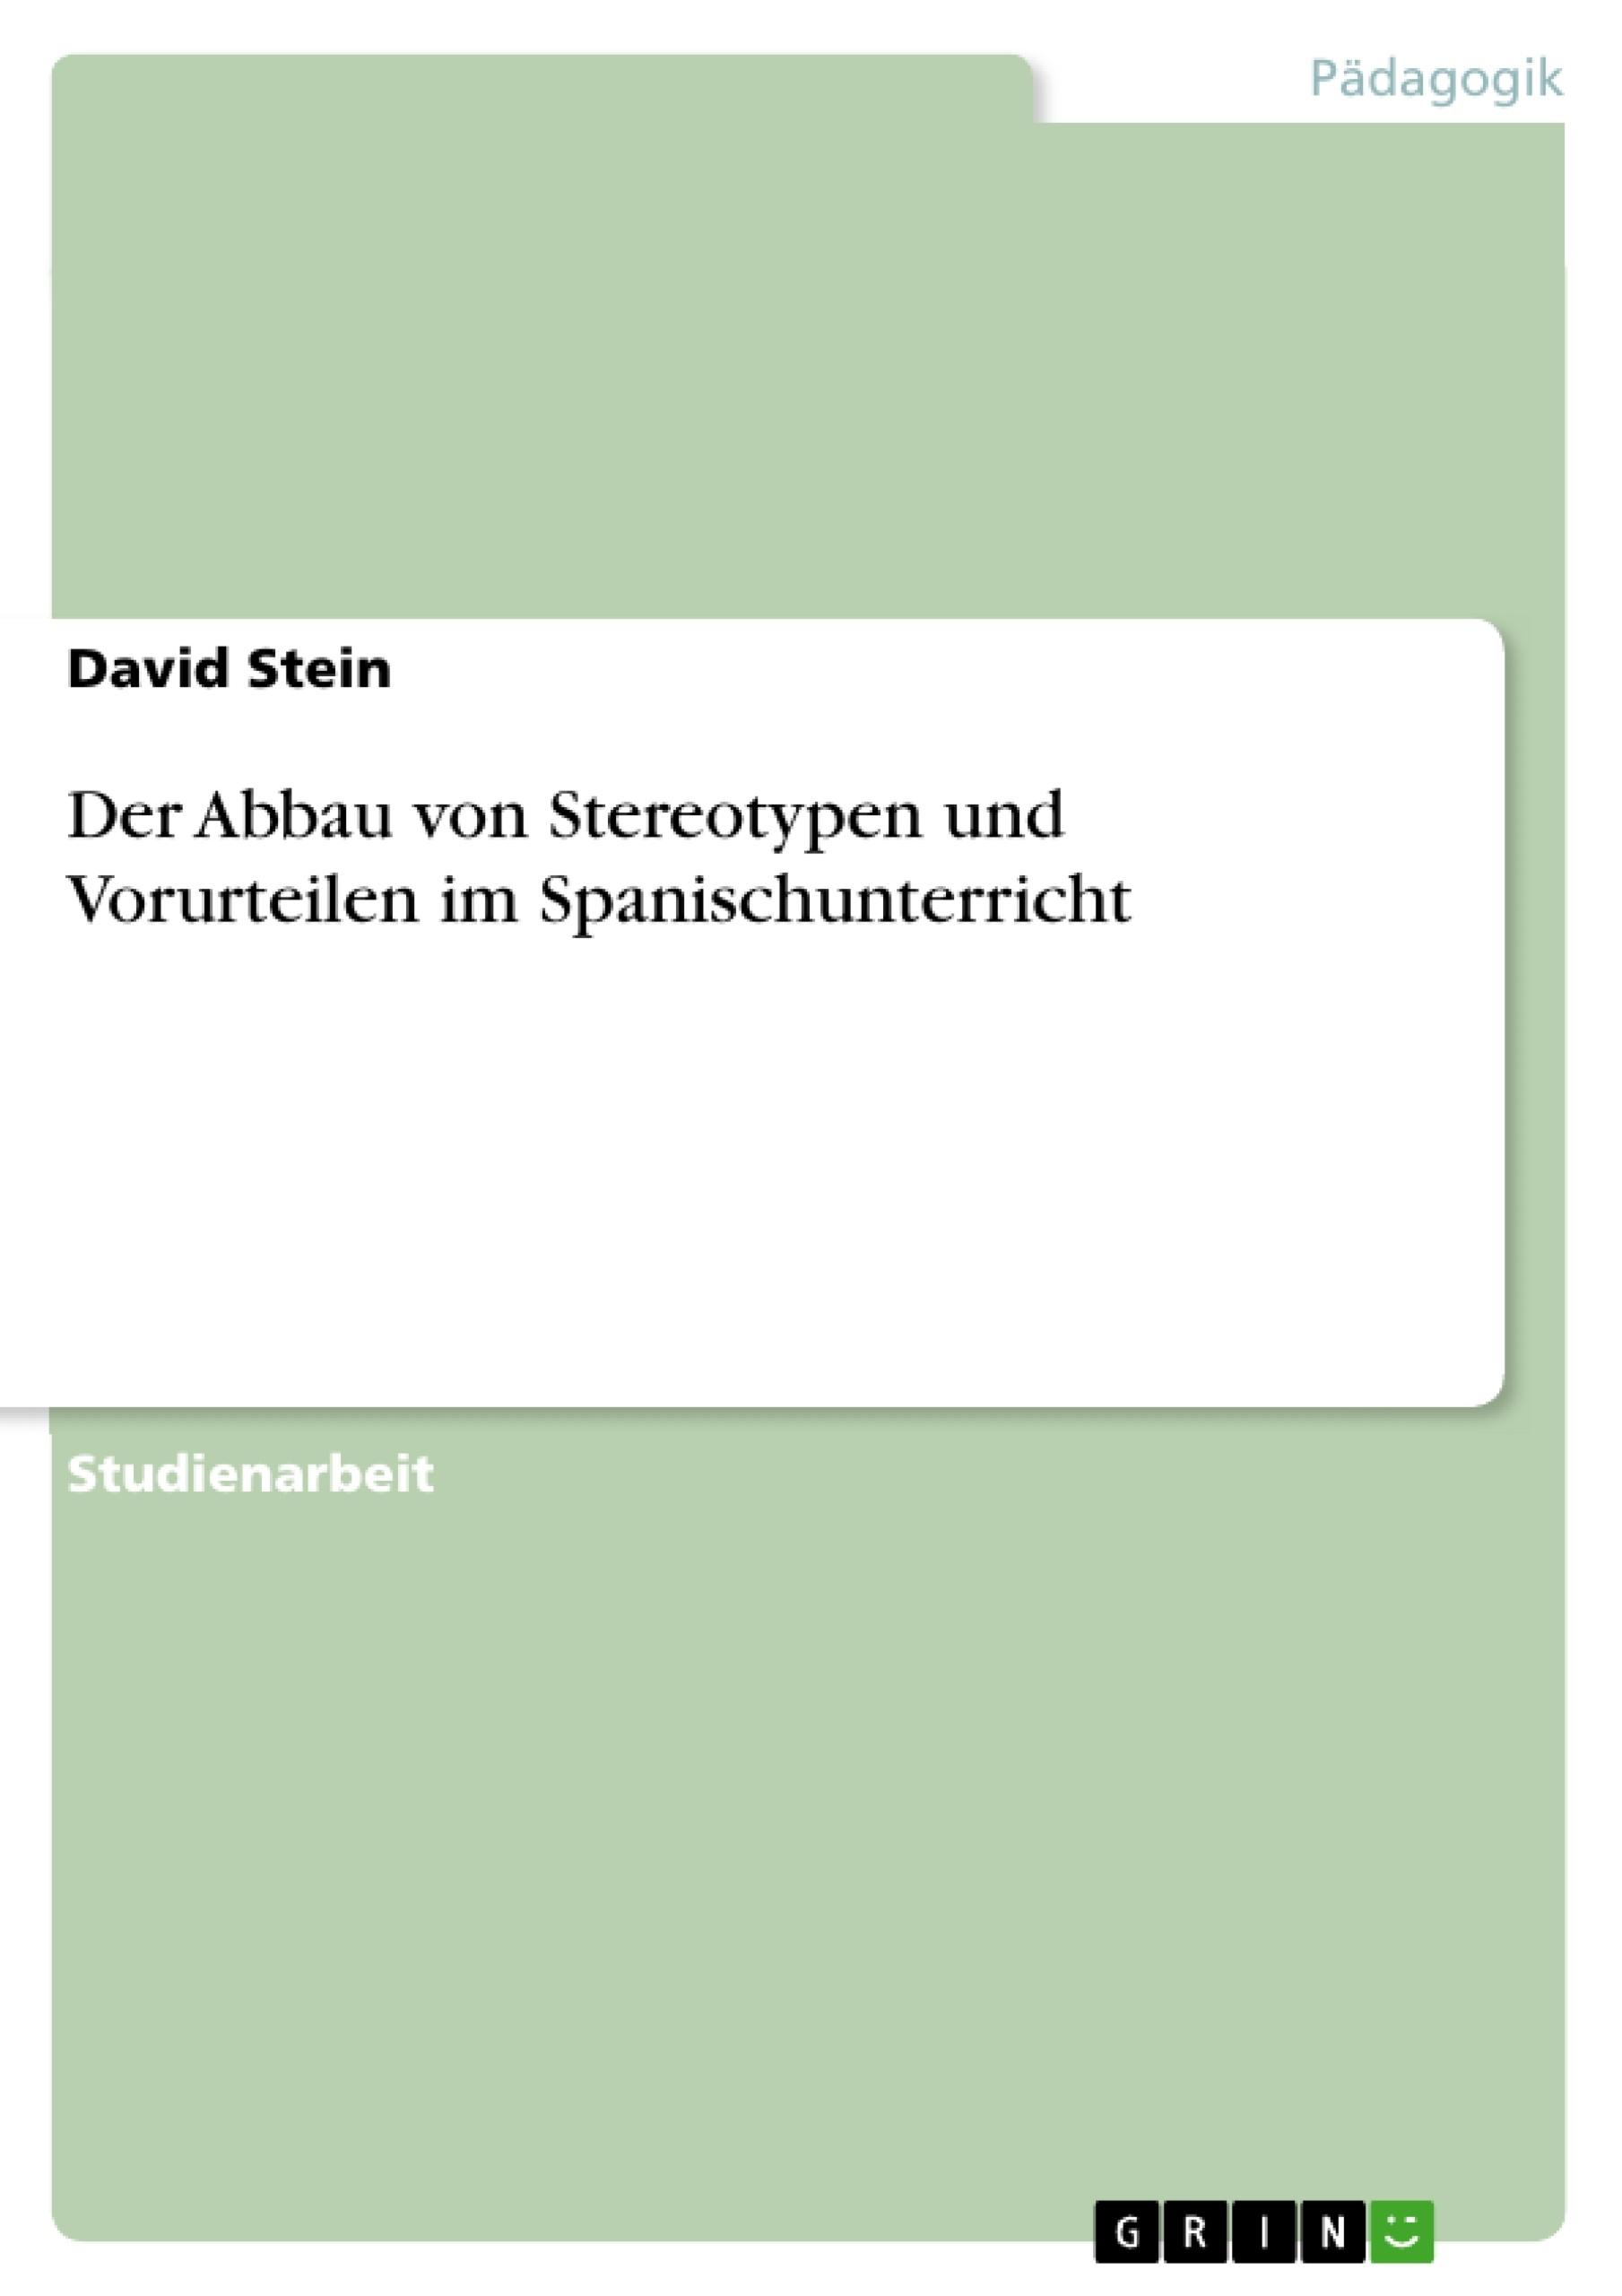 Titel: Der Abbau von Stereotypen und Vorurteilen im Spanischunterricht